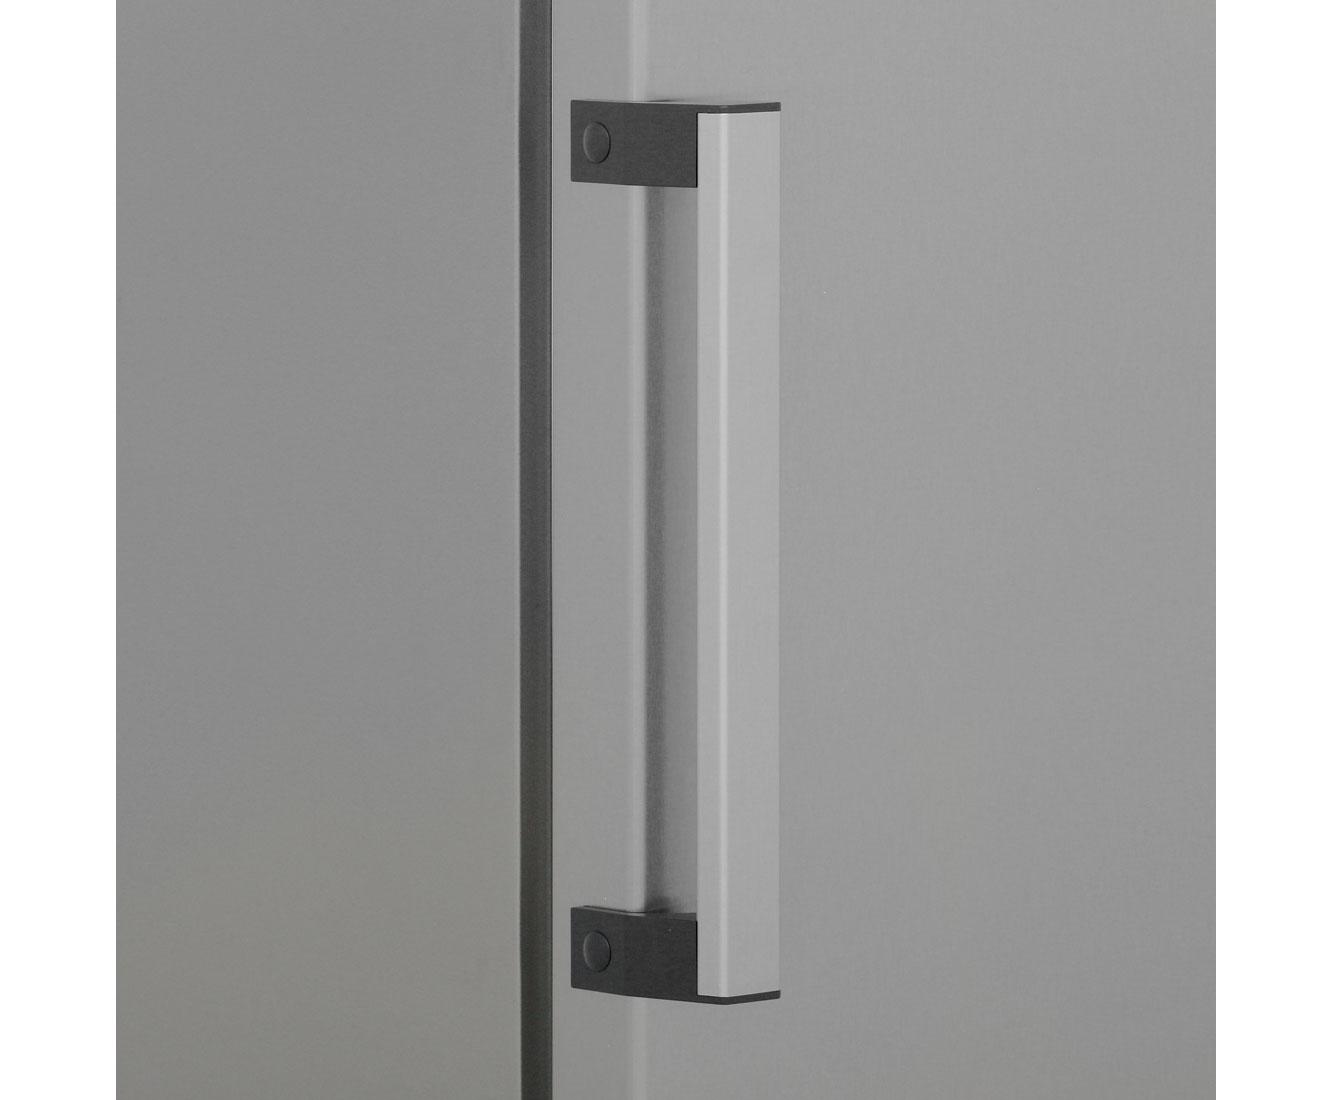 Gorenje Kühlschrank R6192fx : Gorenje r fx kühlschrank edelstahl a